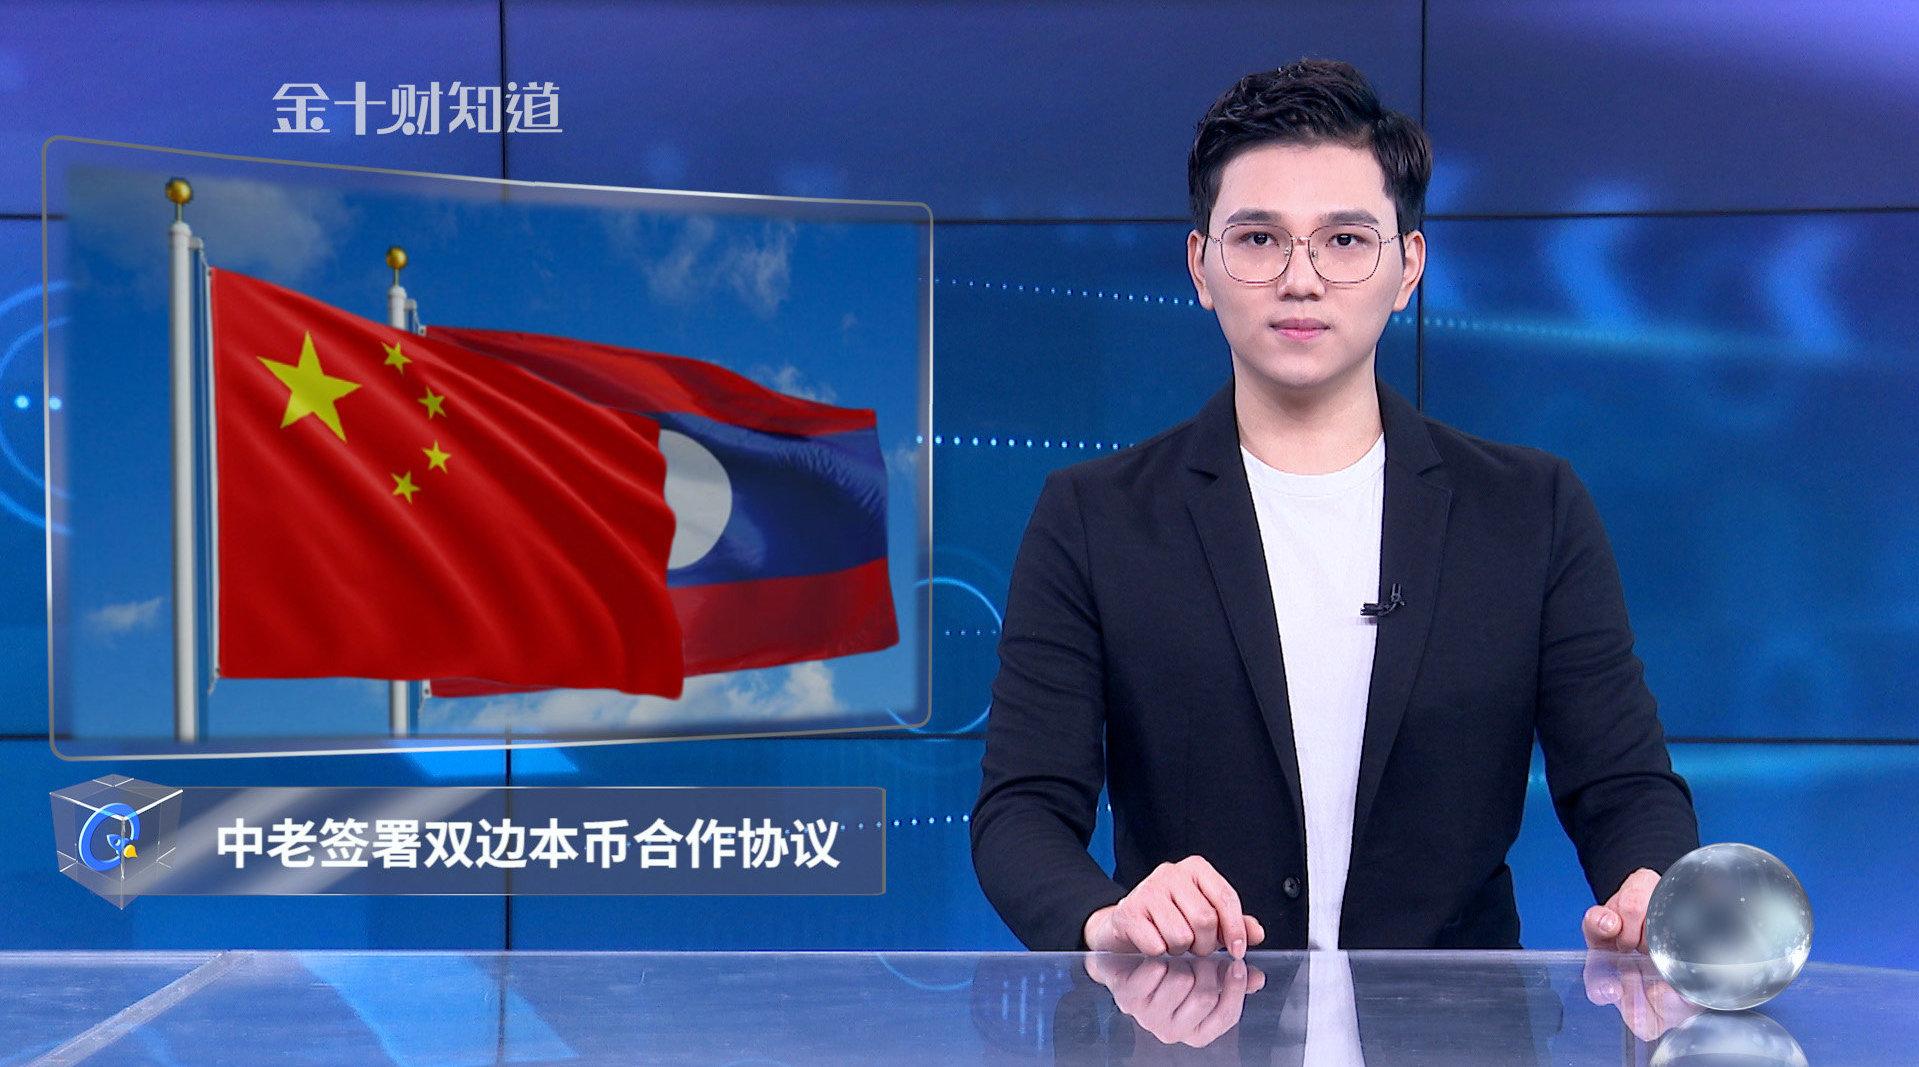 38国与中国签署本币合作协议后,又有一国加入!人民币国际化进程